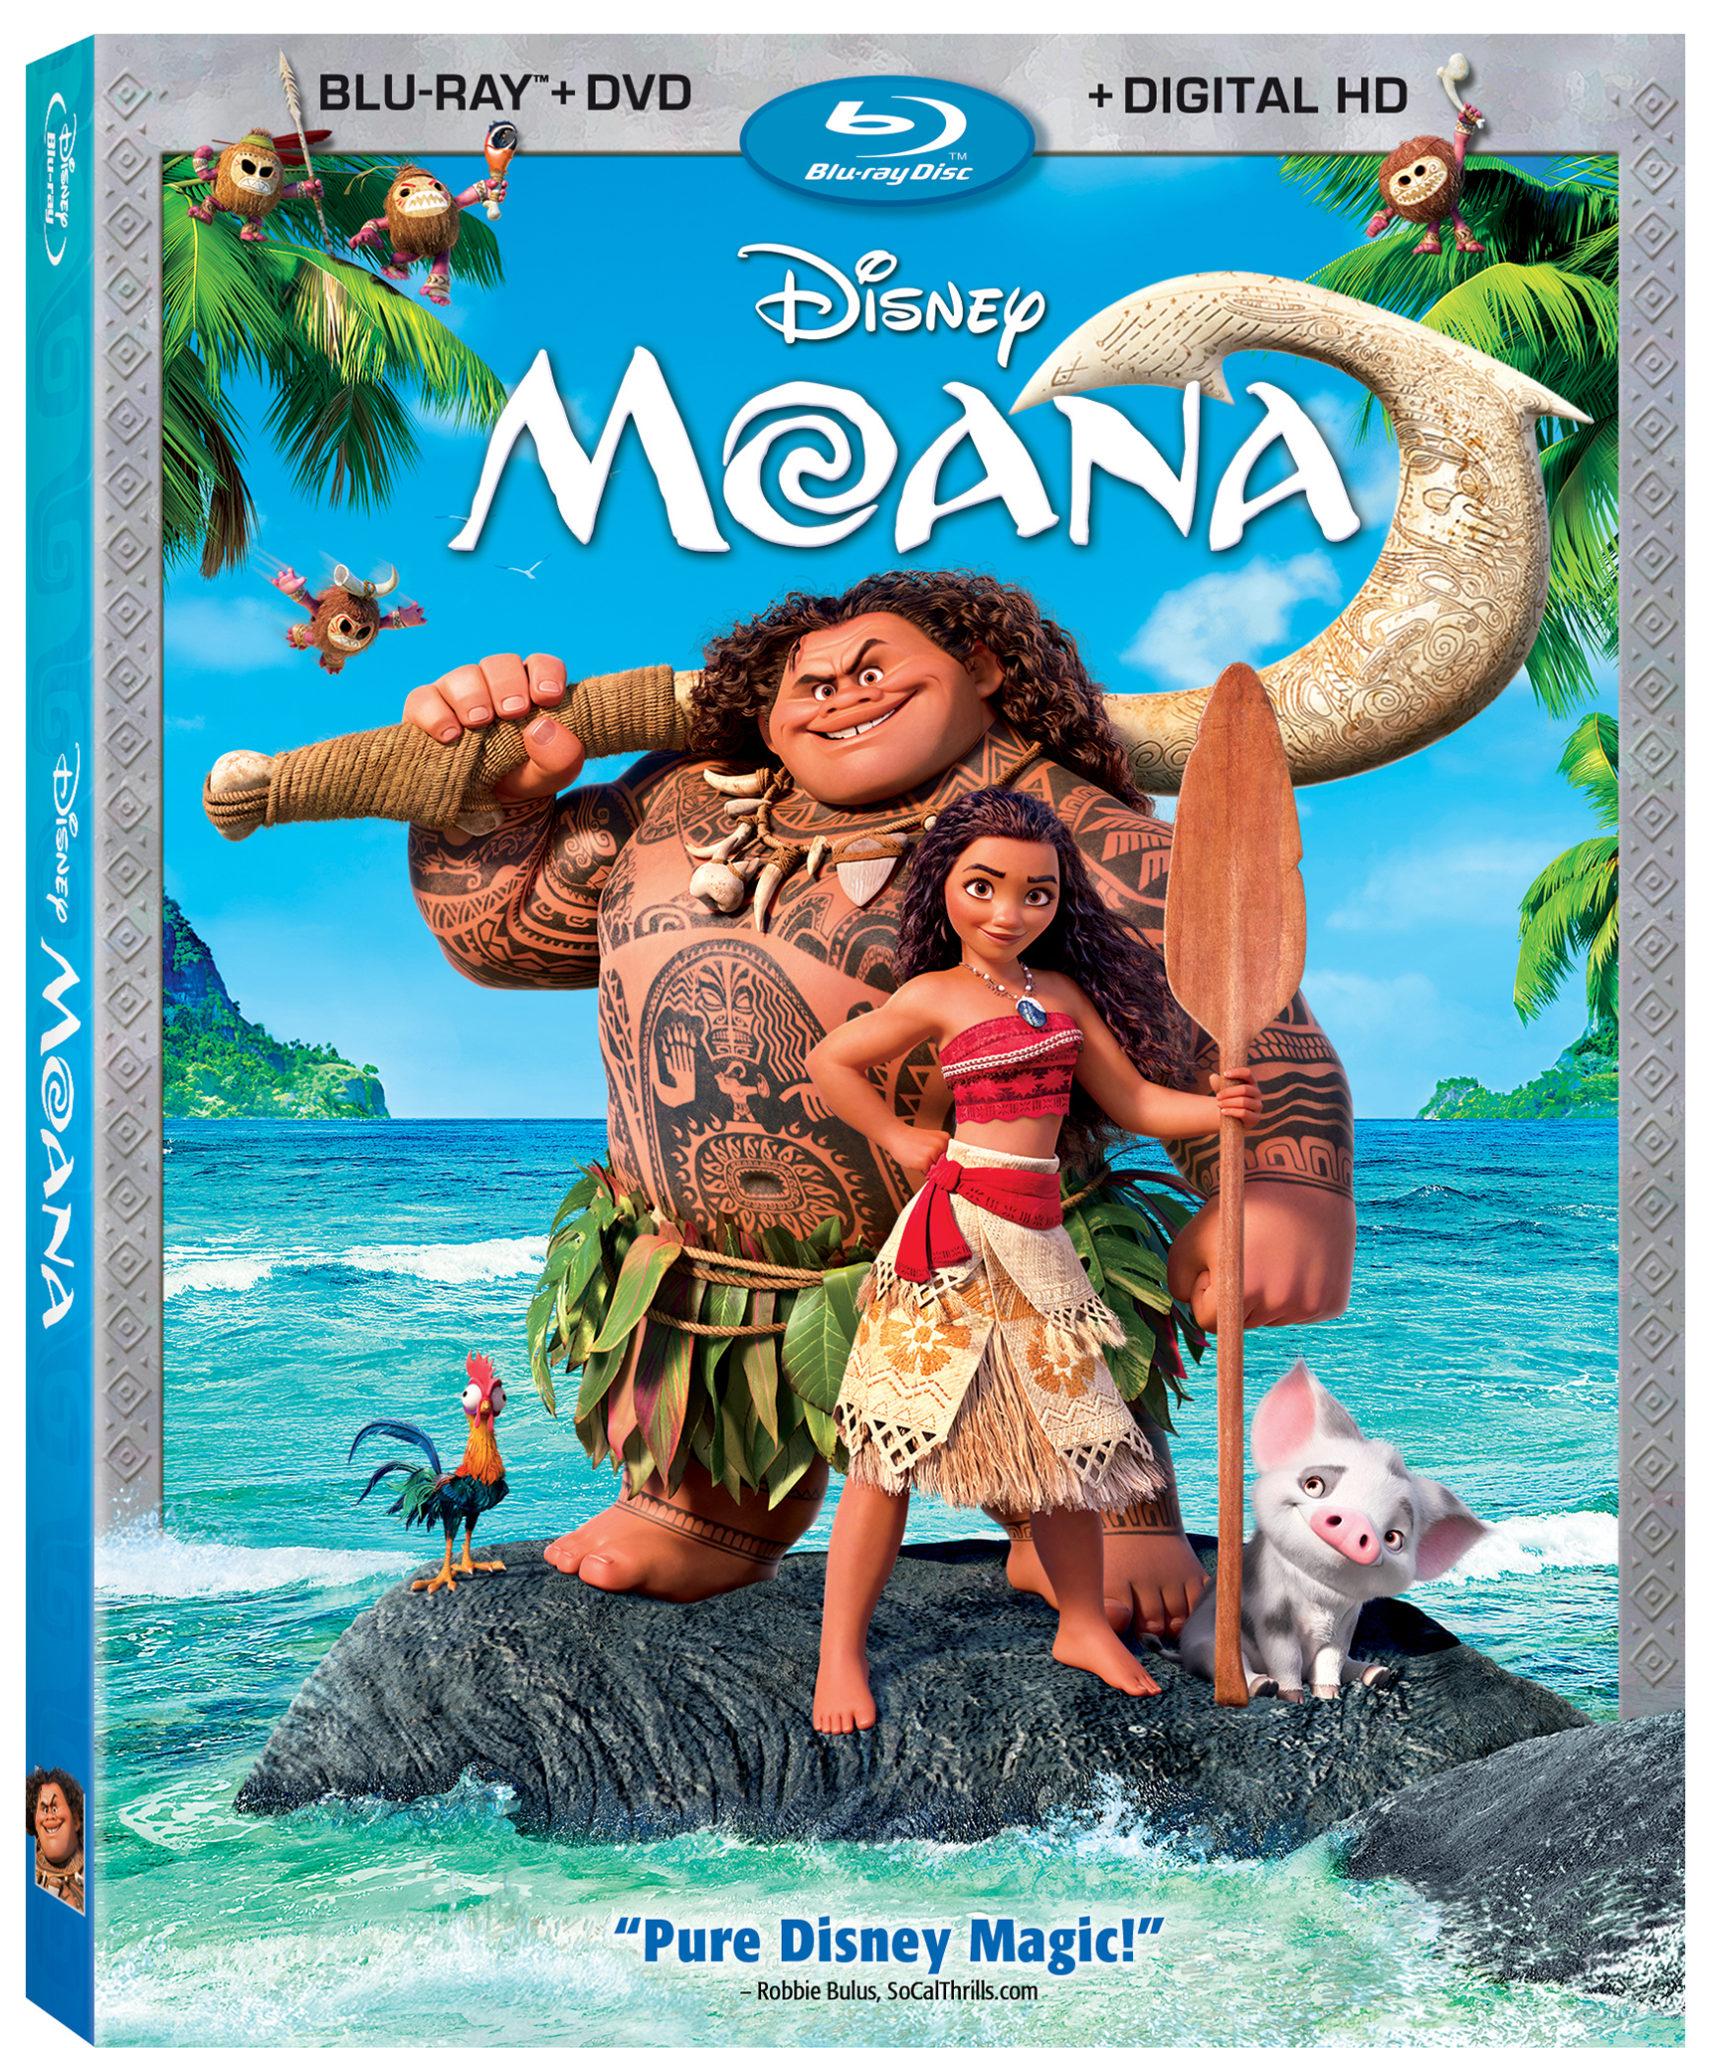 Disney Moana On BLU-RAY